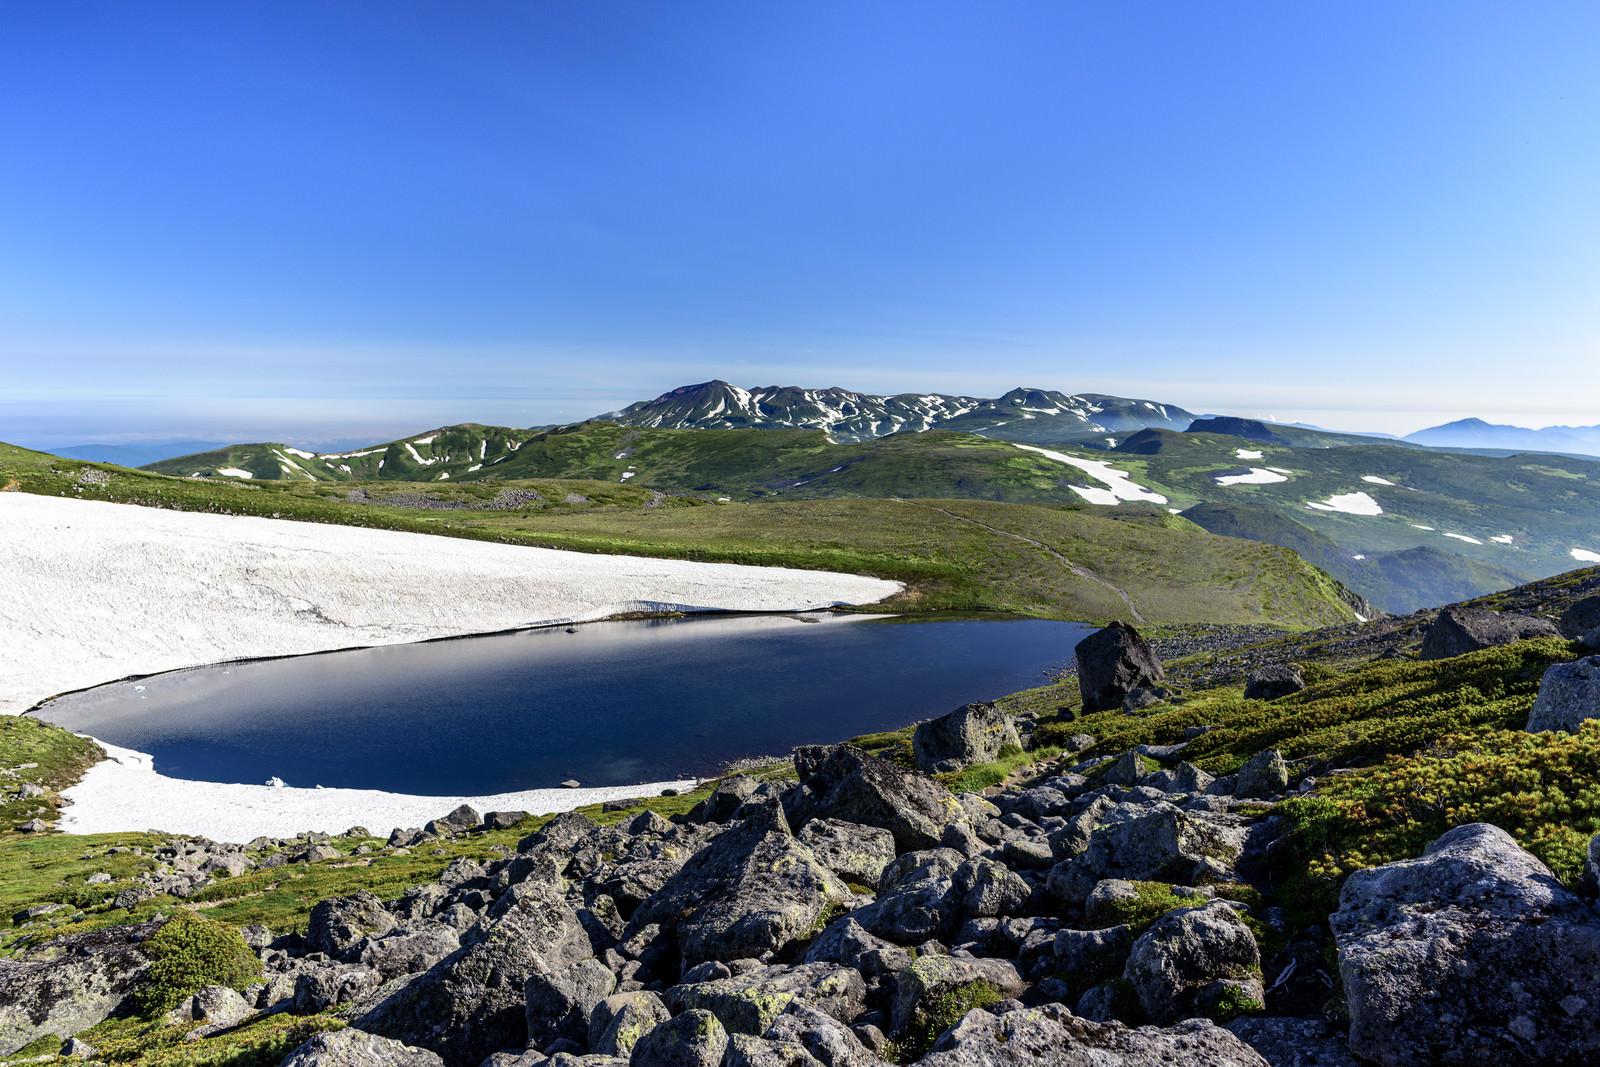 「大雪山北沼と大雪山の山々」の写真